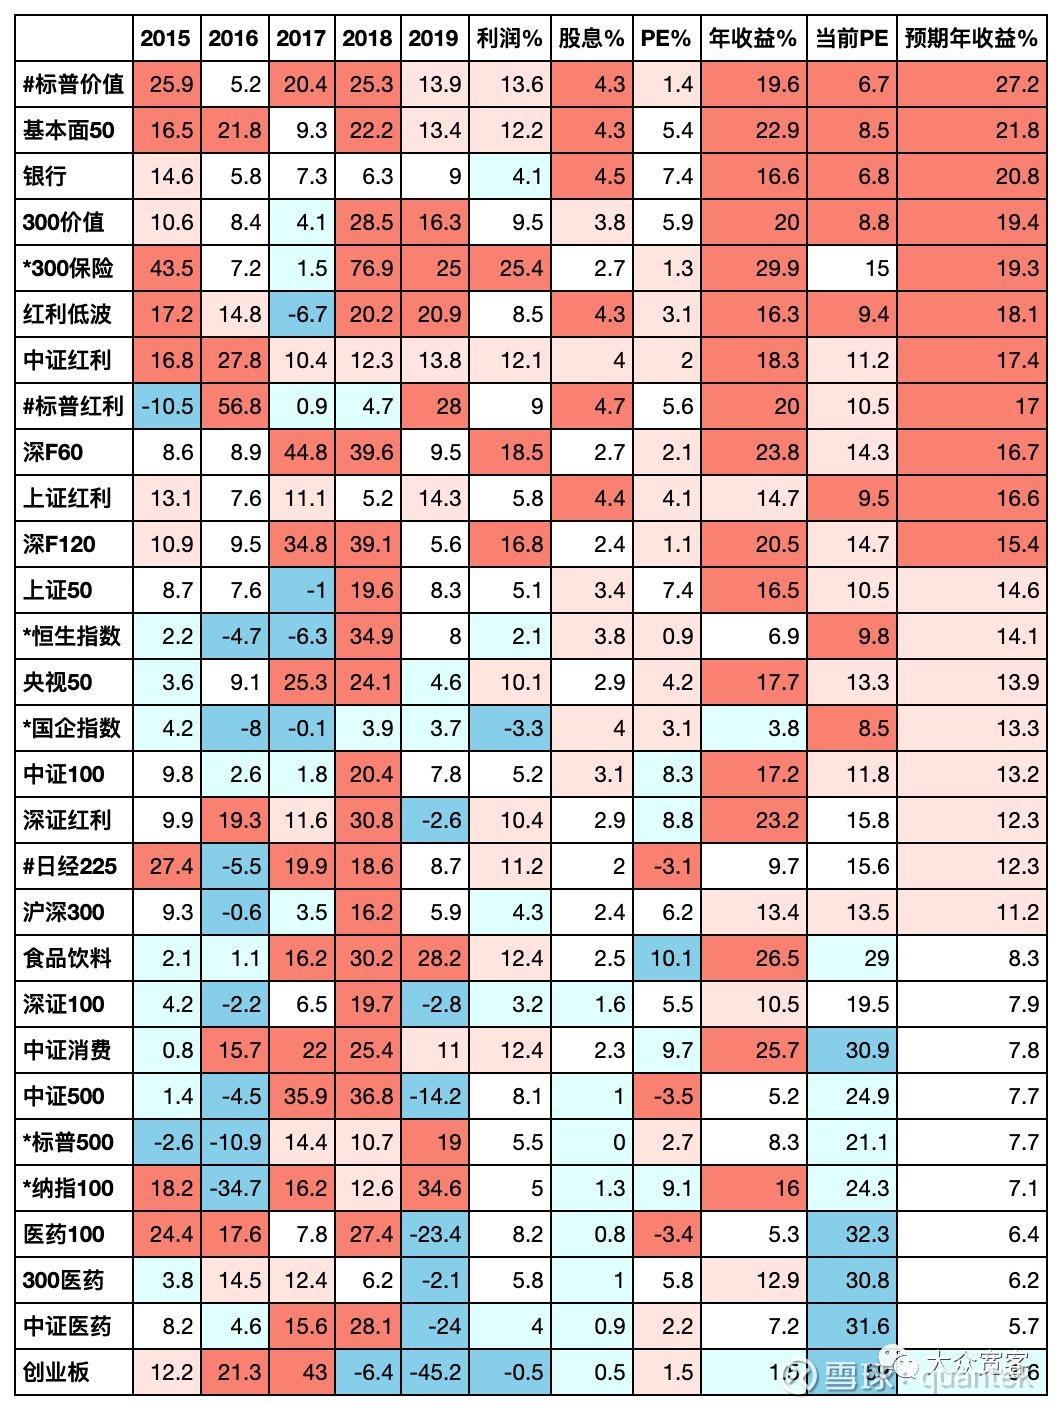 指数历史收益来源分析 与 预期收益排名 2019-06-14